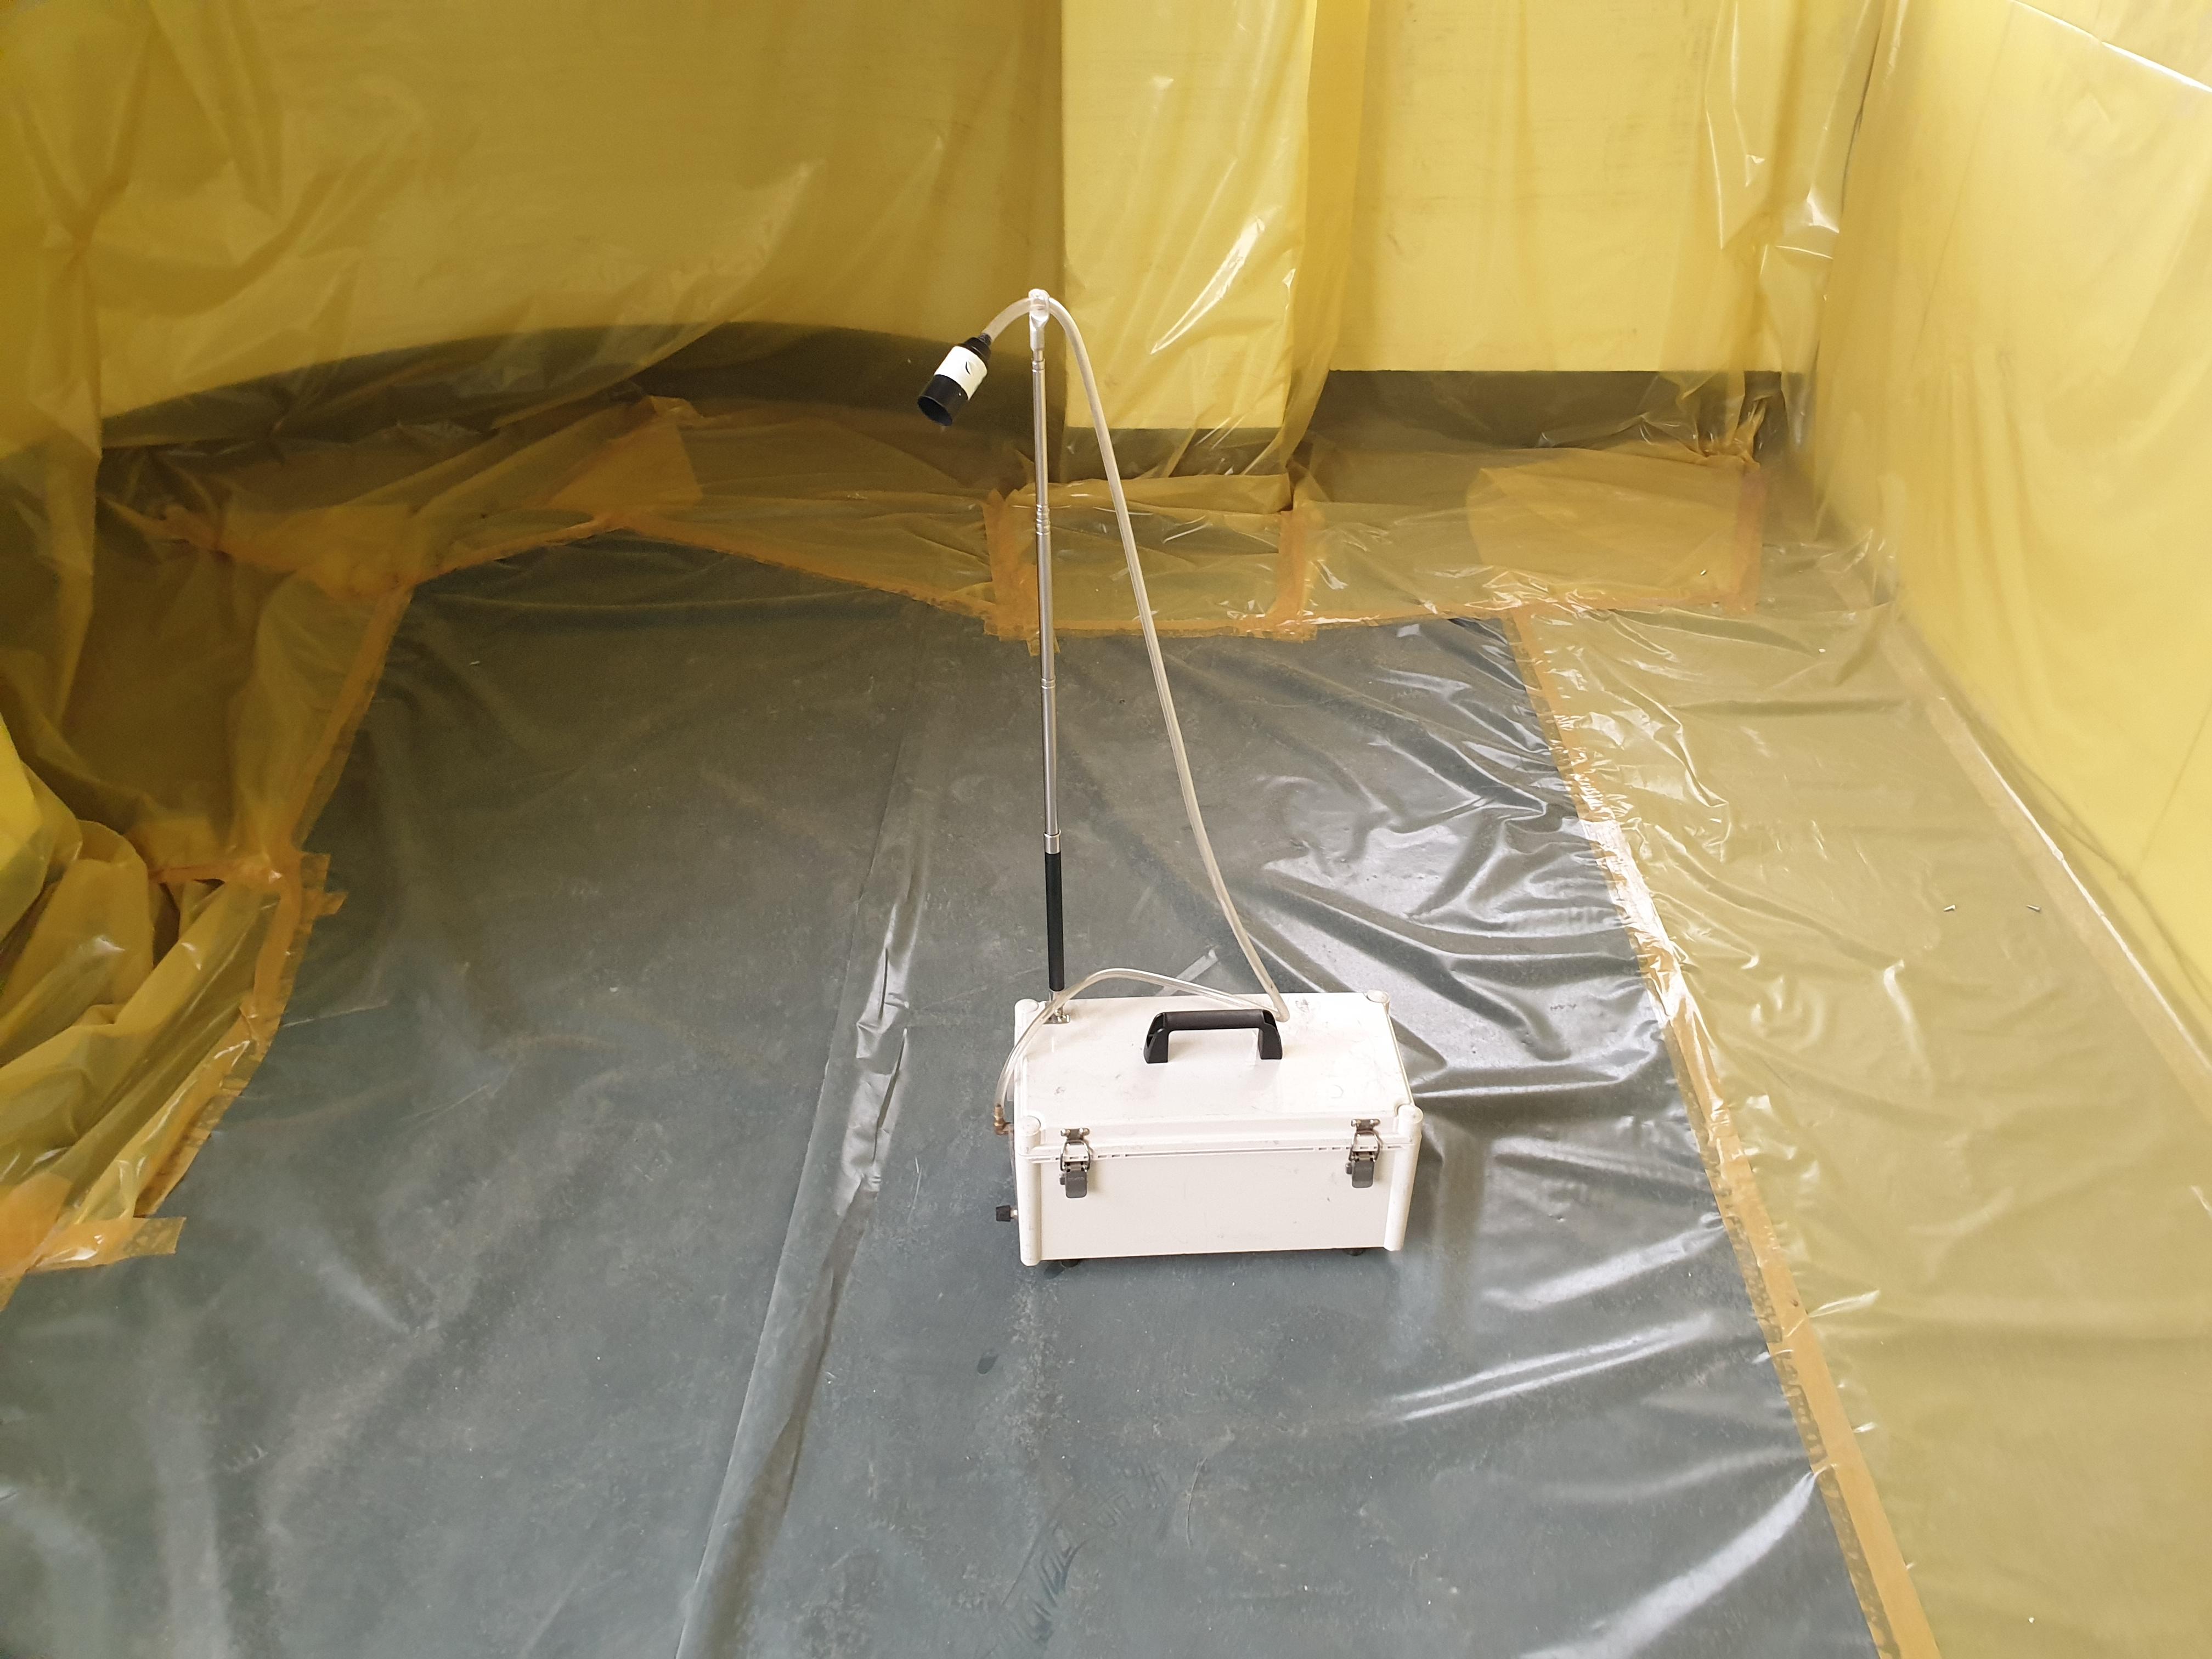 7 번째 사진 제2종 근린생활시설 에  연면적394.34 ㎡ 공기중 석면농도측정 창원시 의창구